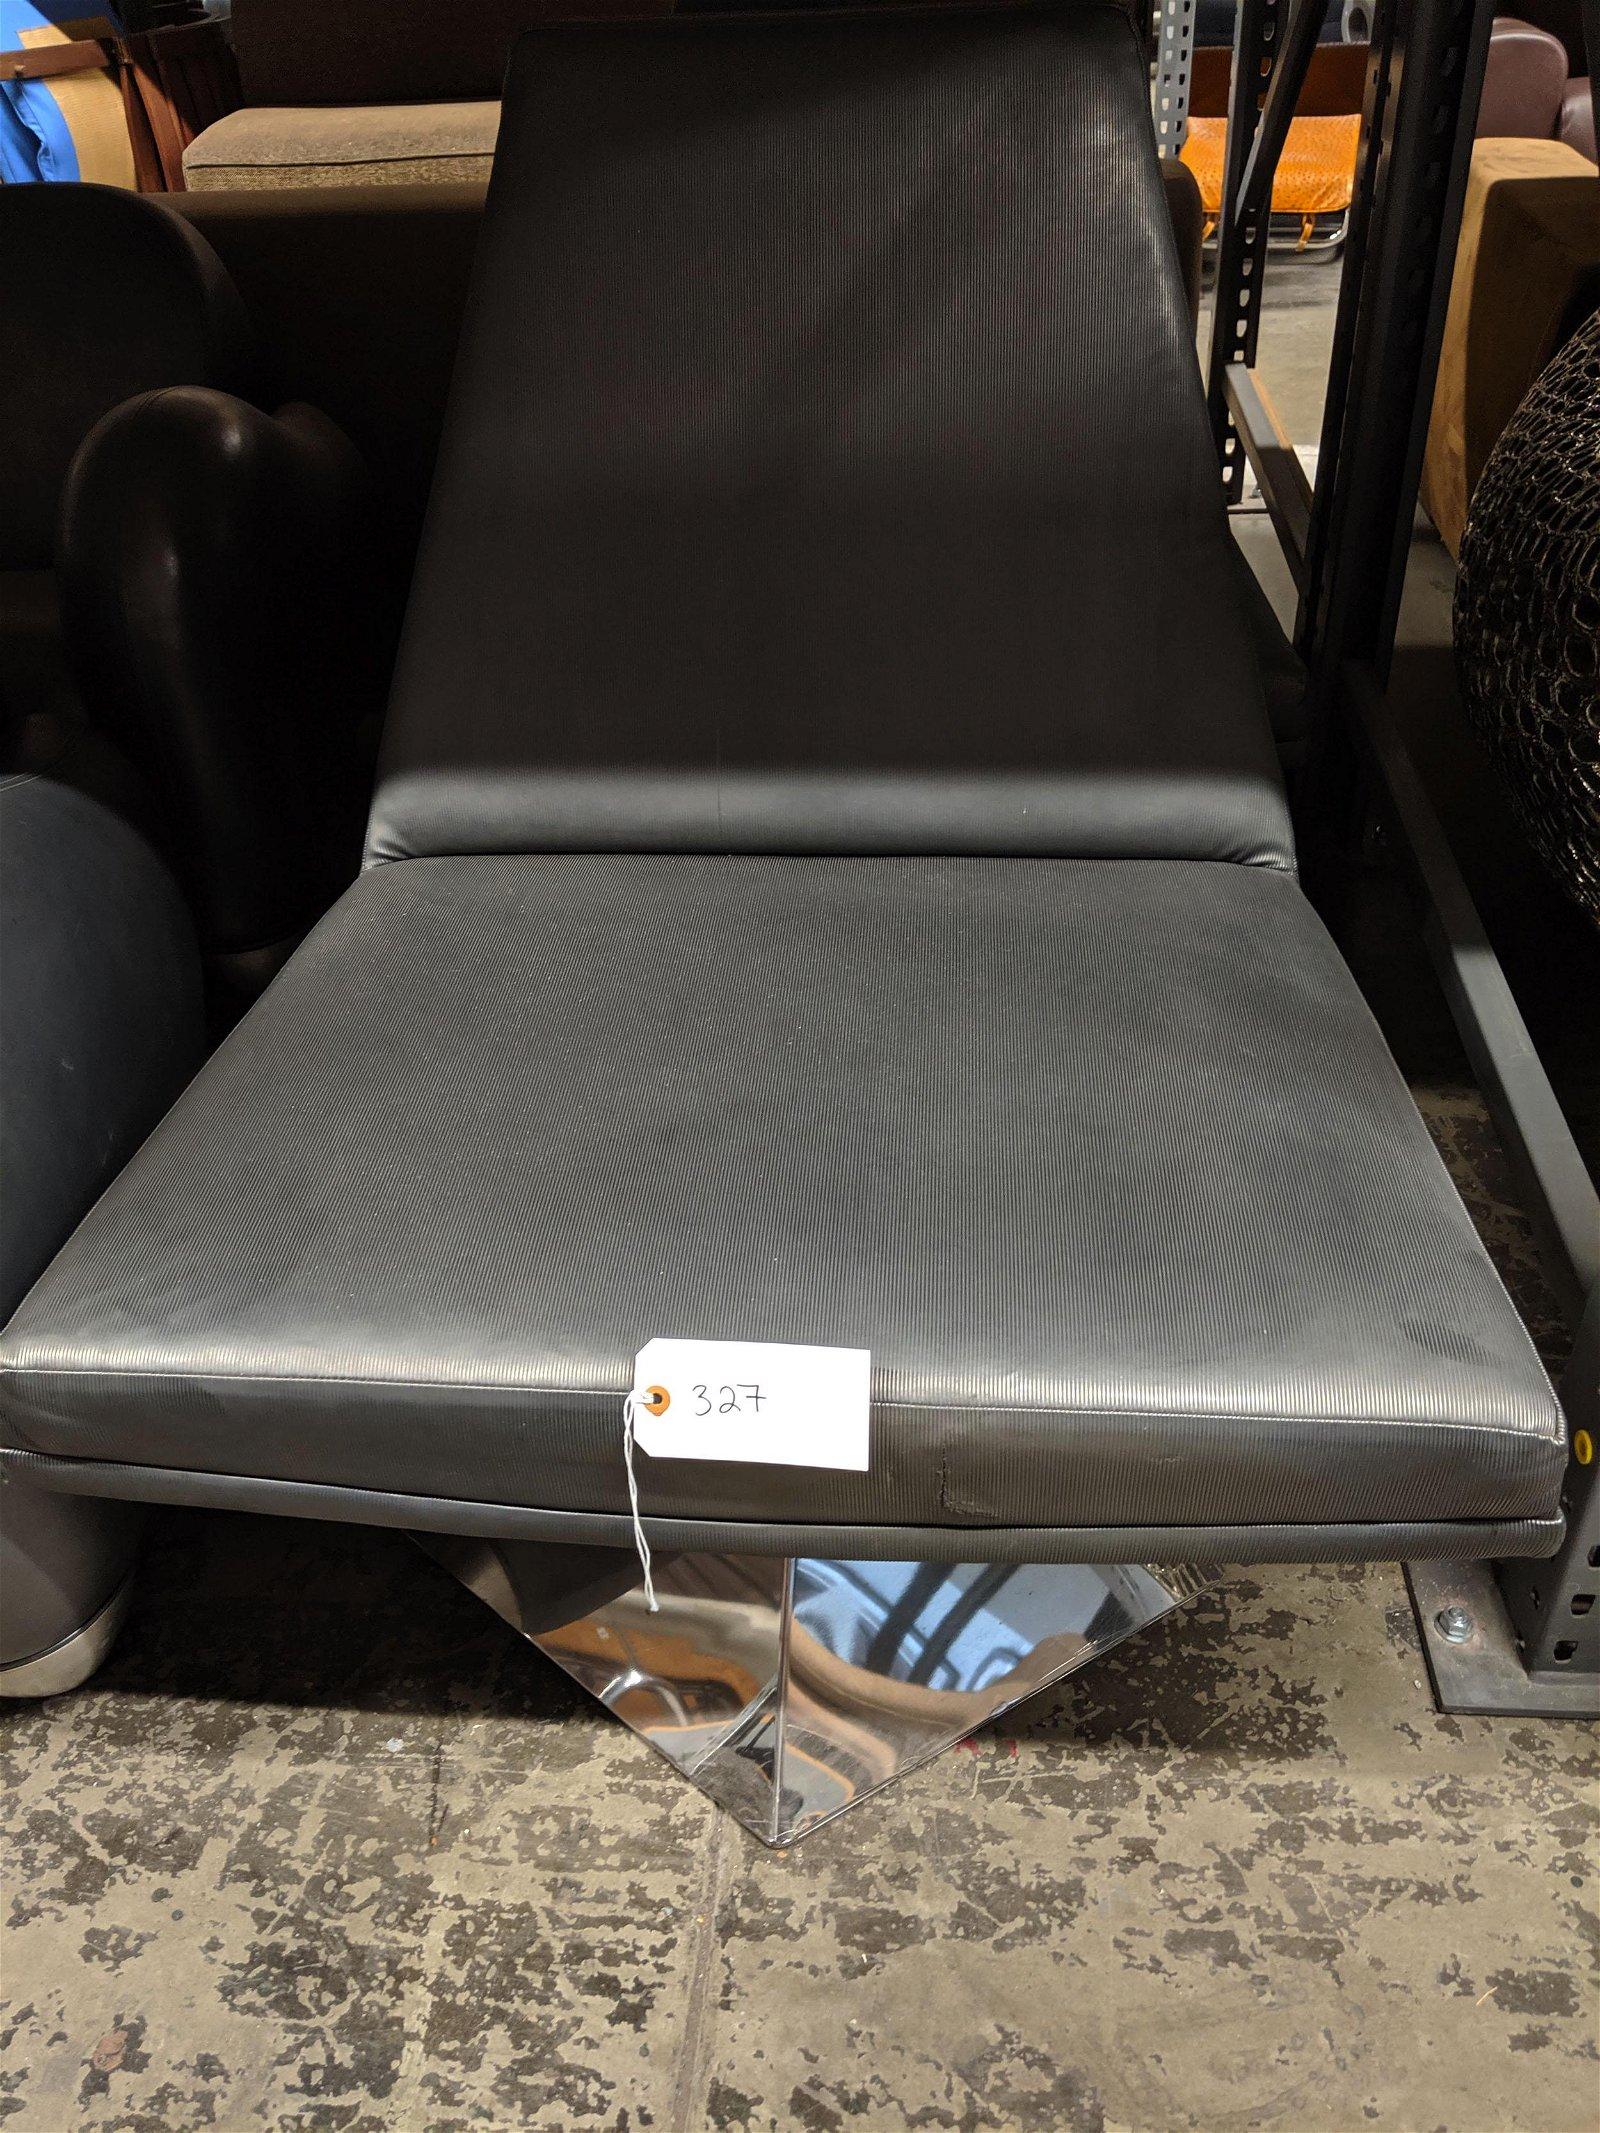 Sci Fi Chairs (2)